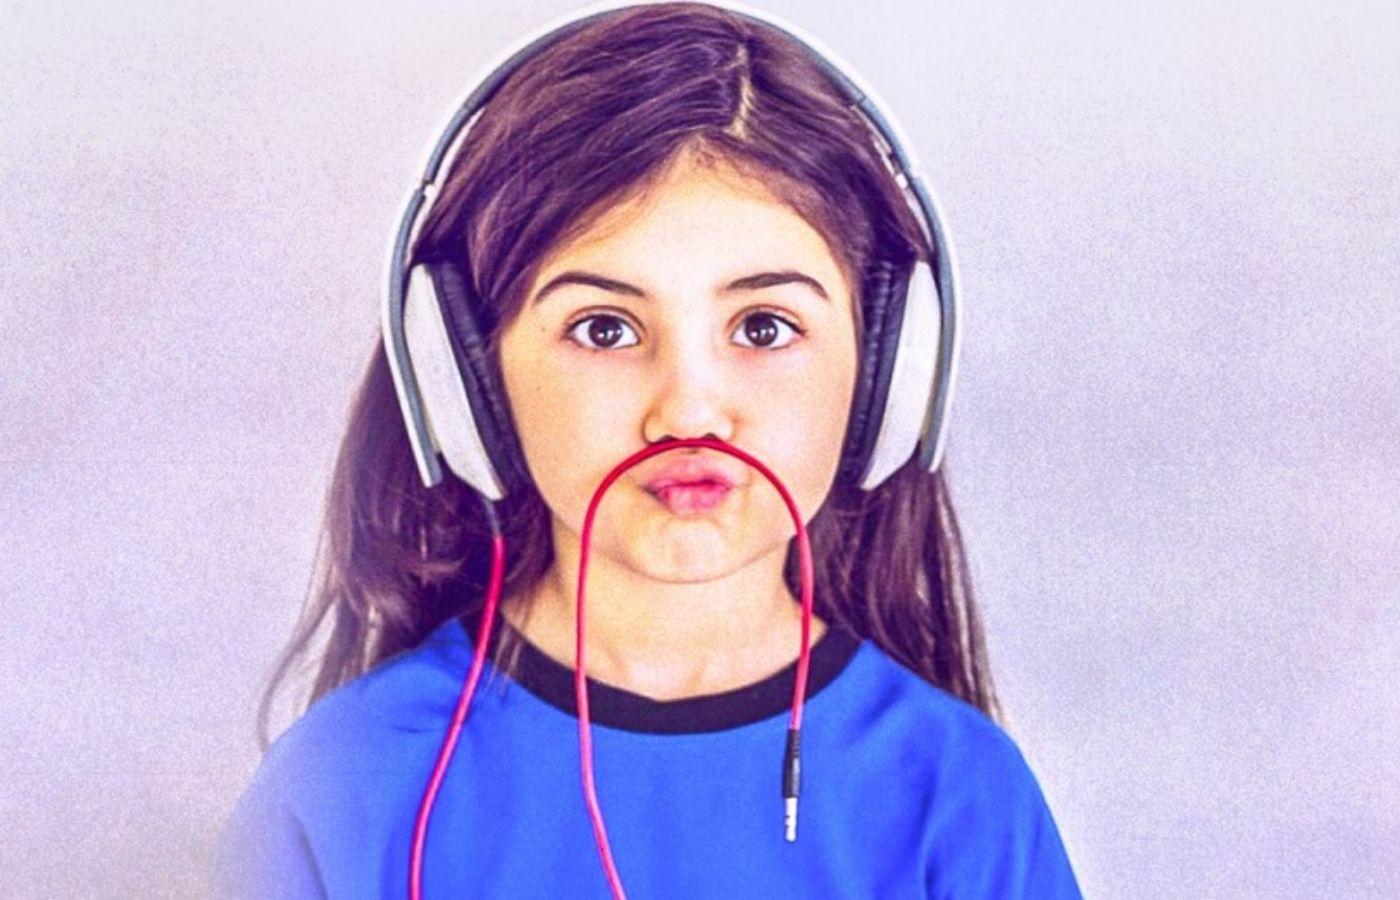 Tiene nueve años y será la DJ más joven en participar en el DMC World DJ Championship